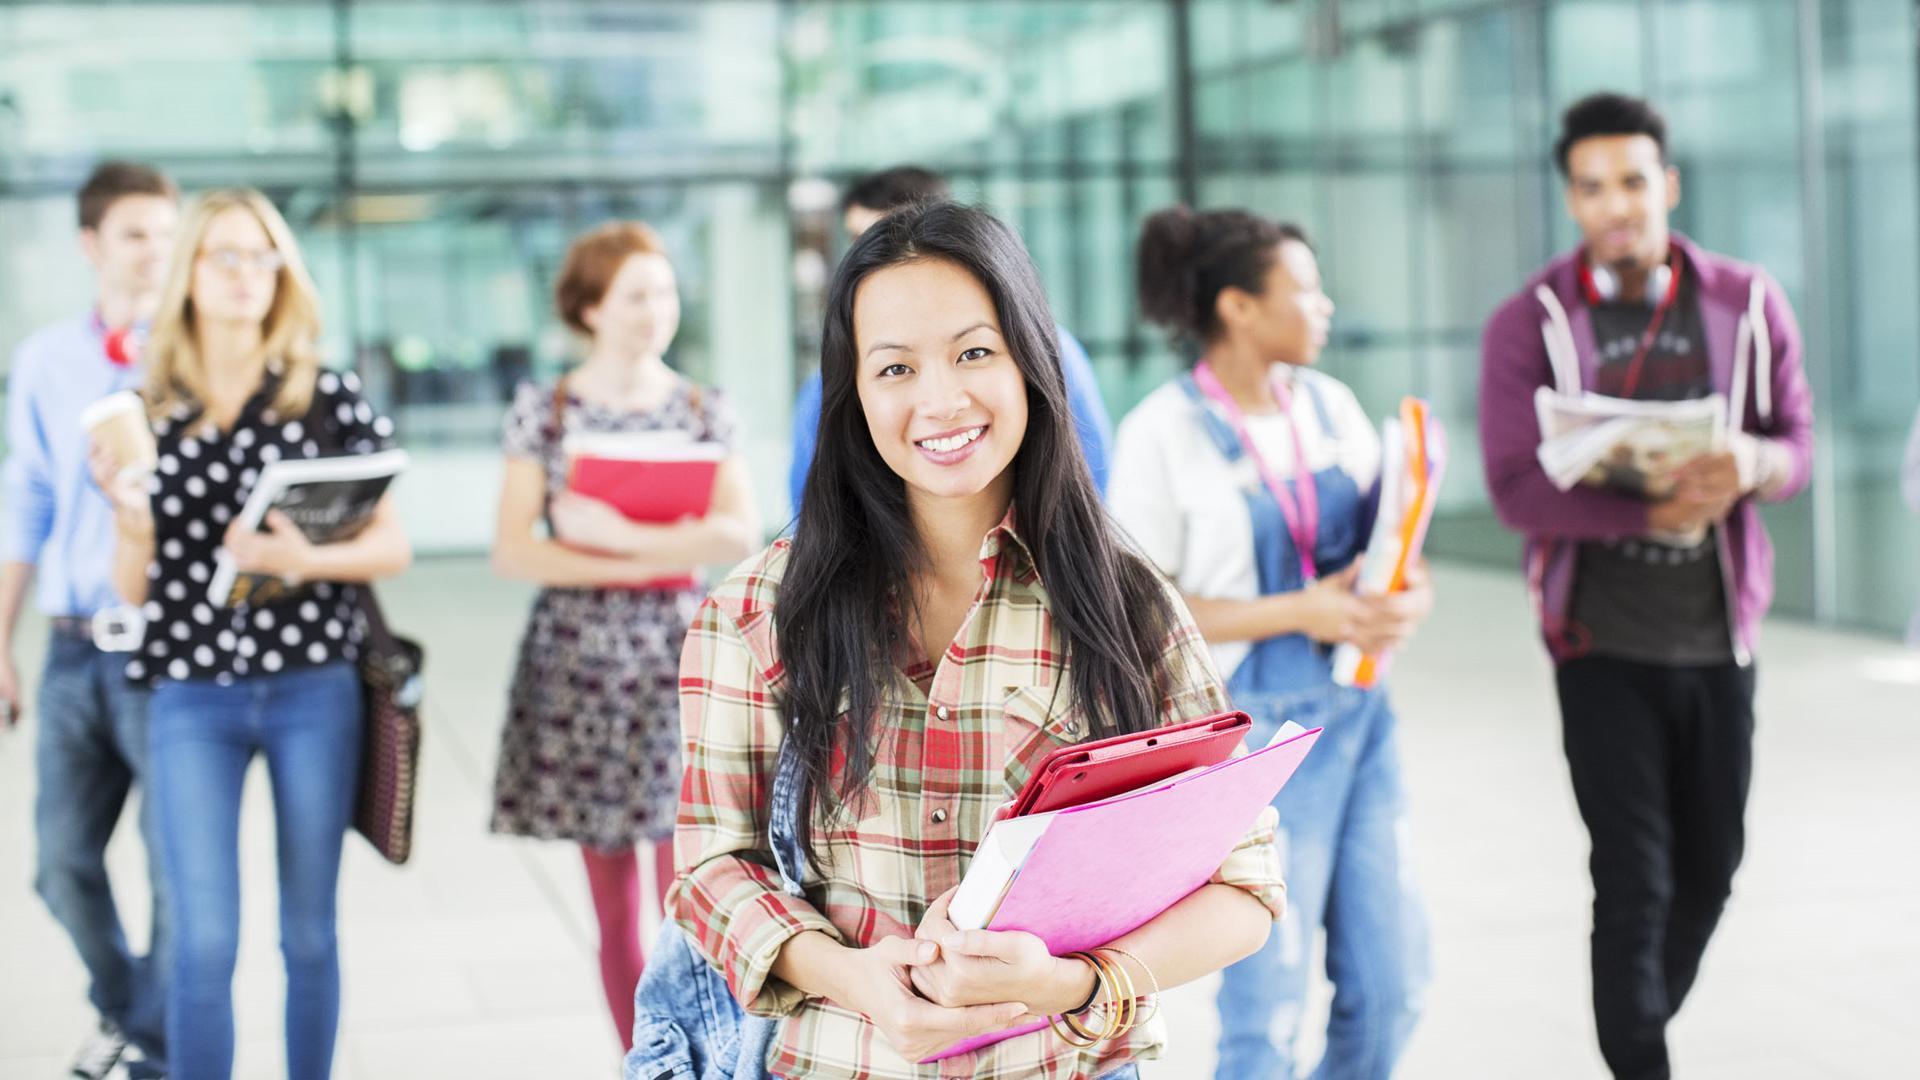 参加学生会和社团对以后的工作有帮助吗?